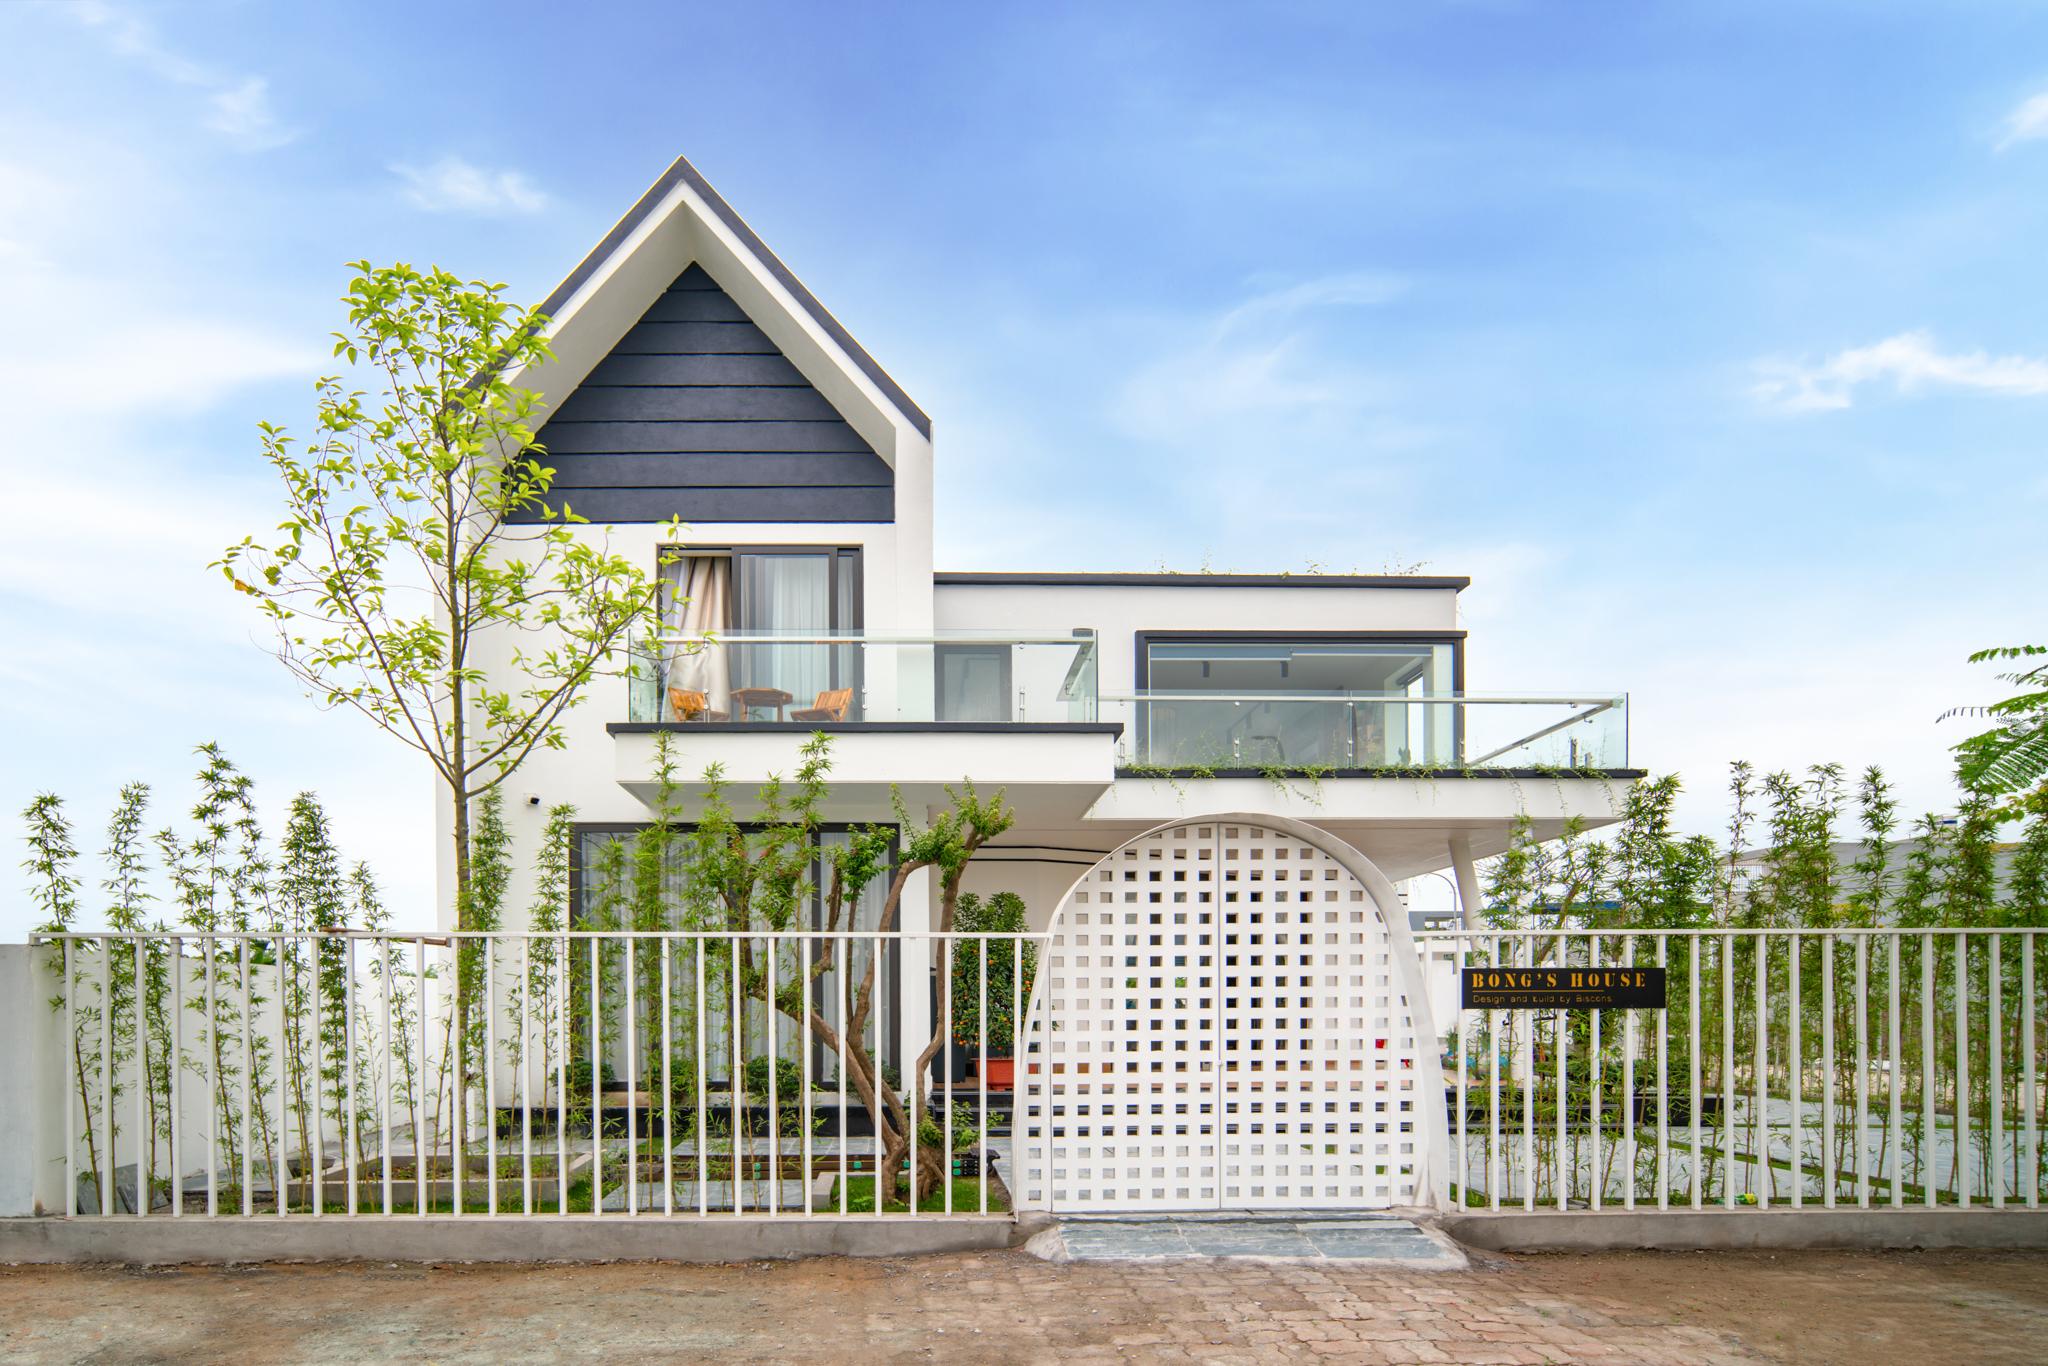 Mượn tuổi xây nhà là gì? Bạn cần biết gì?